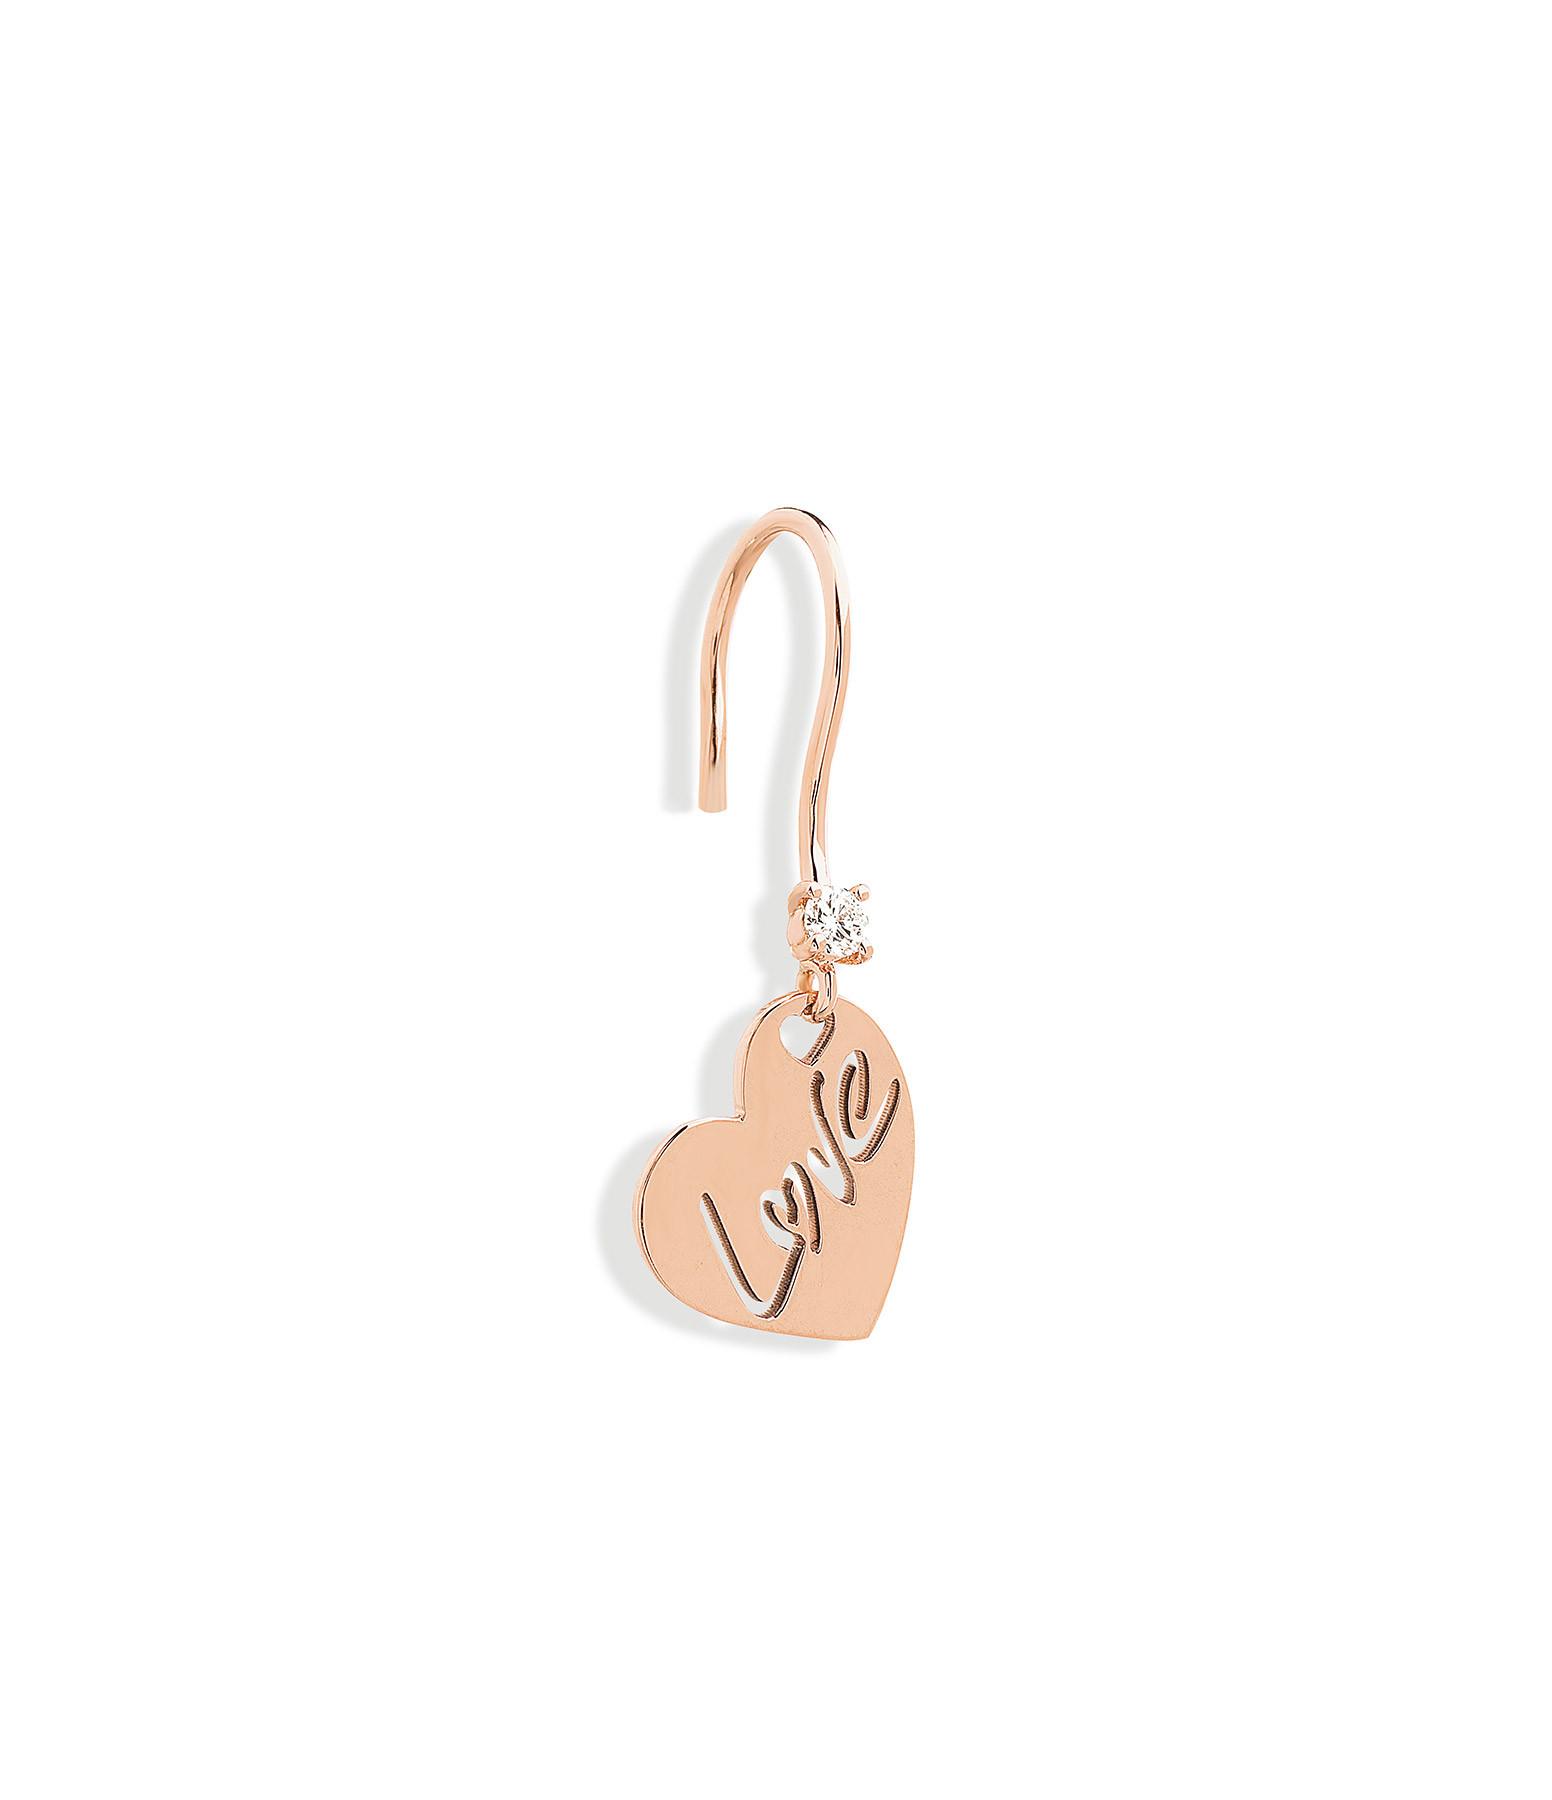 NAVA JOAILLERIE - Boucle d'oreille Love Or Rose (vendue à l'unité)